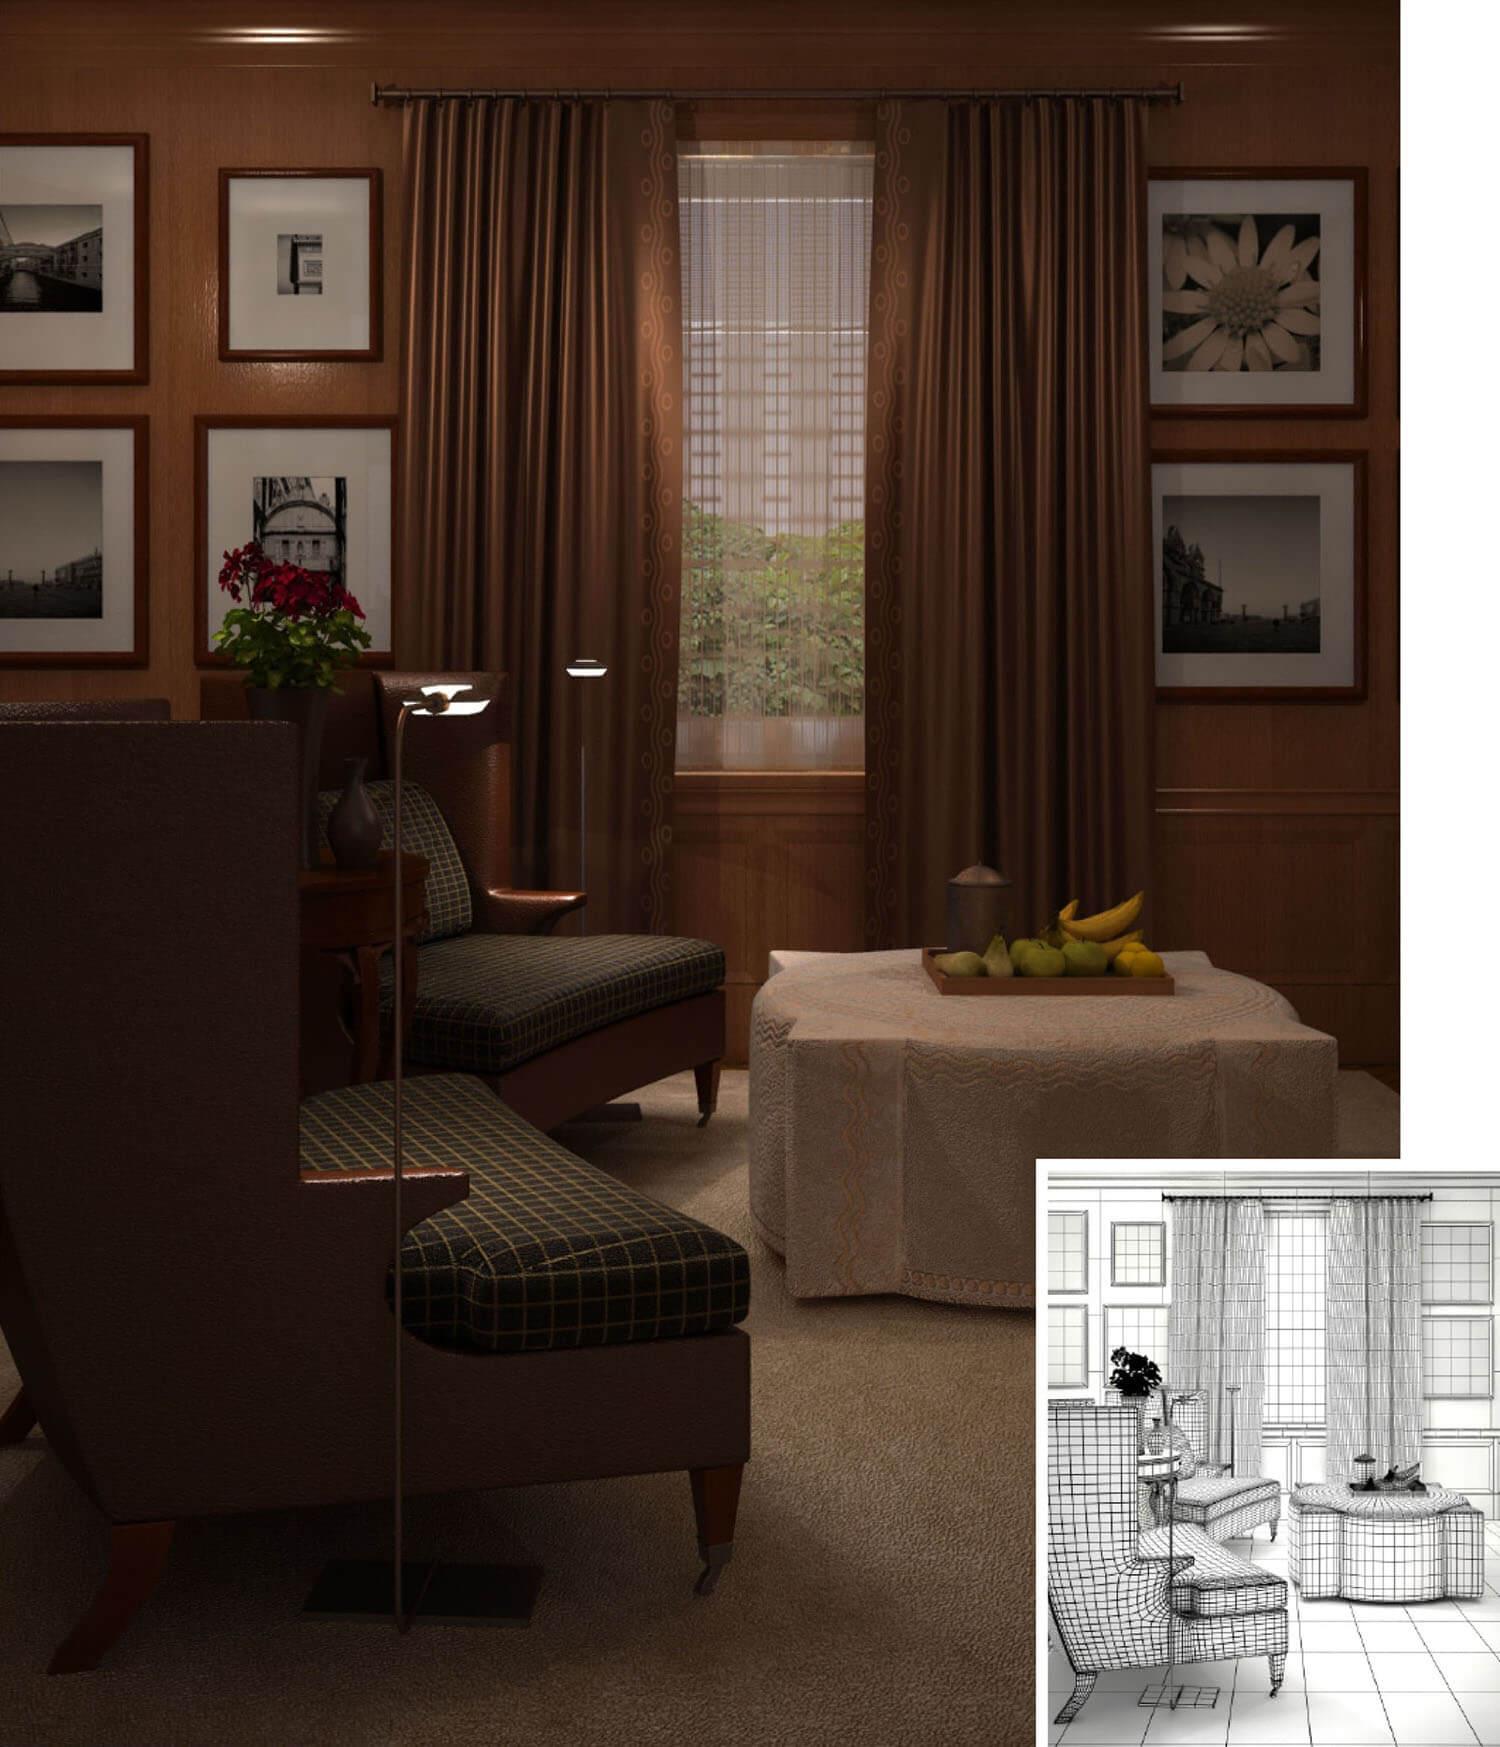 Nội thất phòng khách được trang trí với rèm nâu và tường gỗ ấm cúng